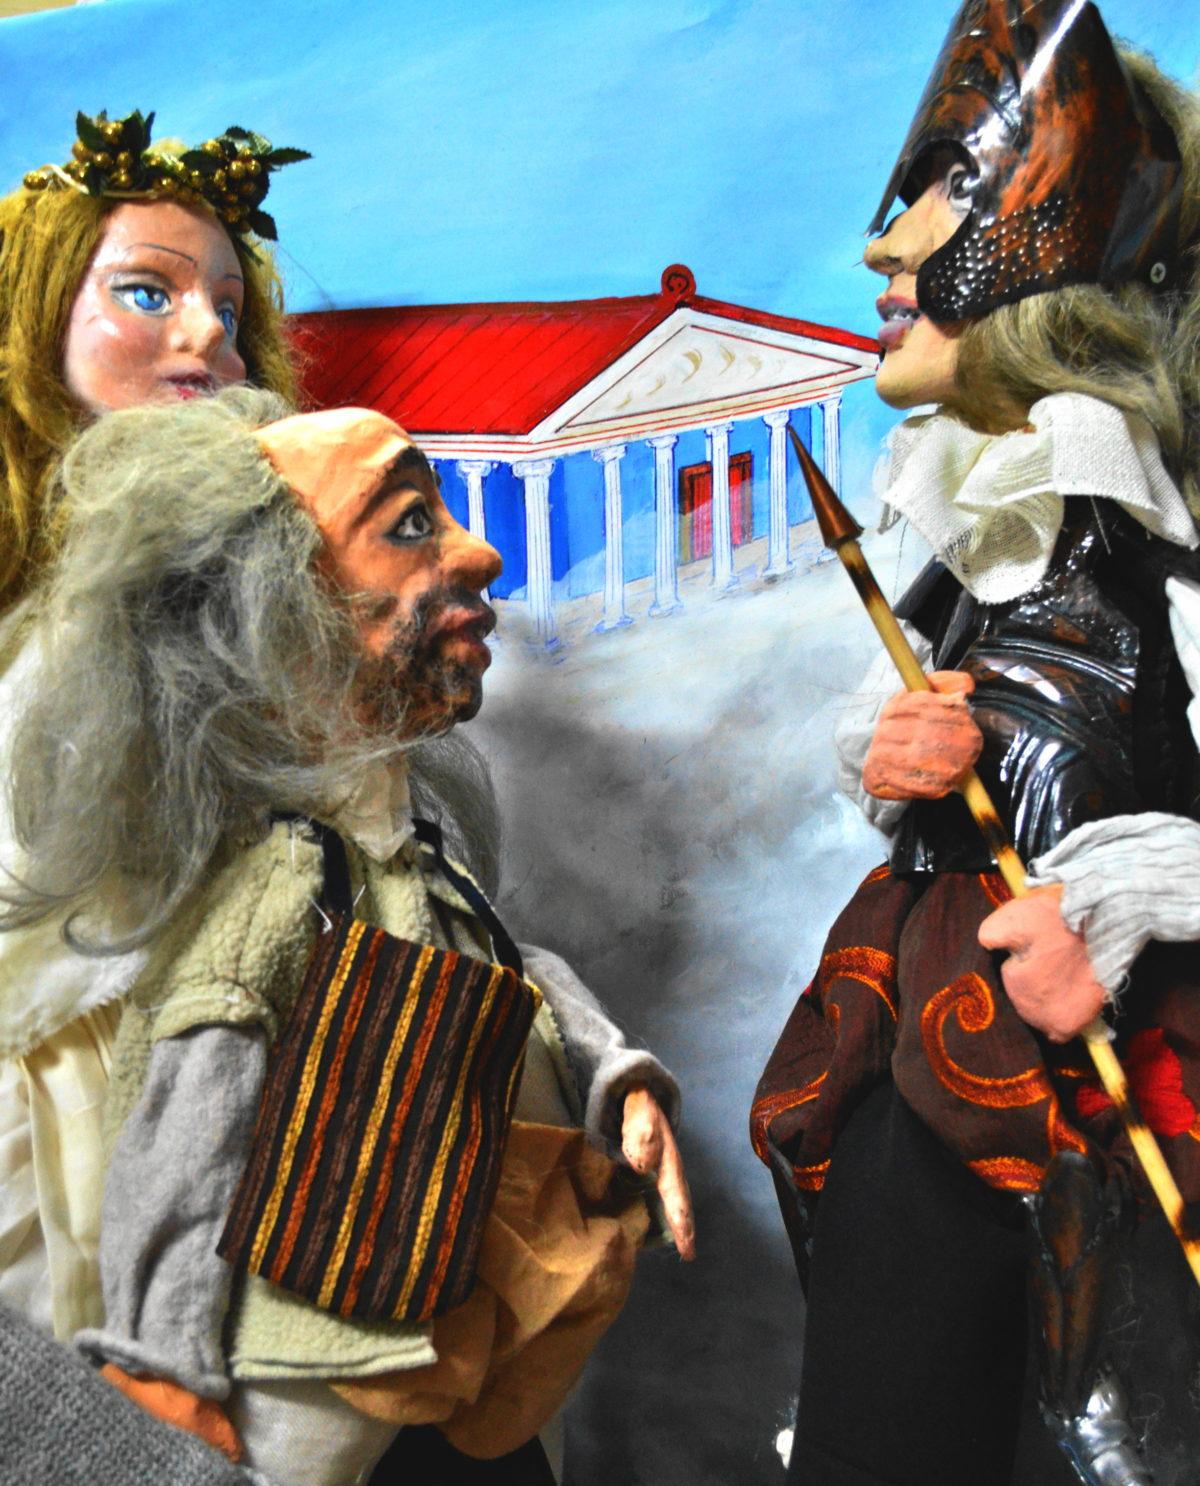 «ΕΙΡΗΝΗ του Αριστοφάνη» (διασκευασμένο για μικρά παιδιά) – ΚΟΥΚΛΟΘΕΑΤΡΟ ΧΑΝ Θεσσαλονίκης